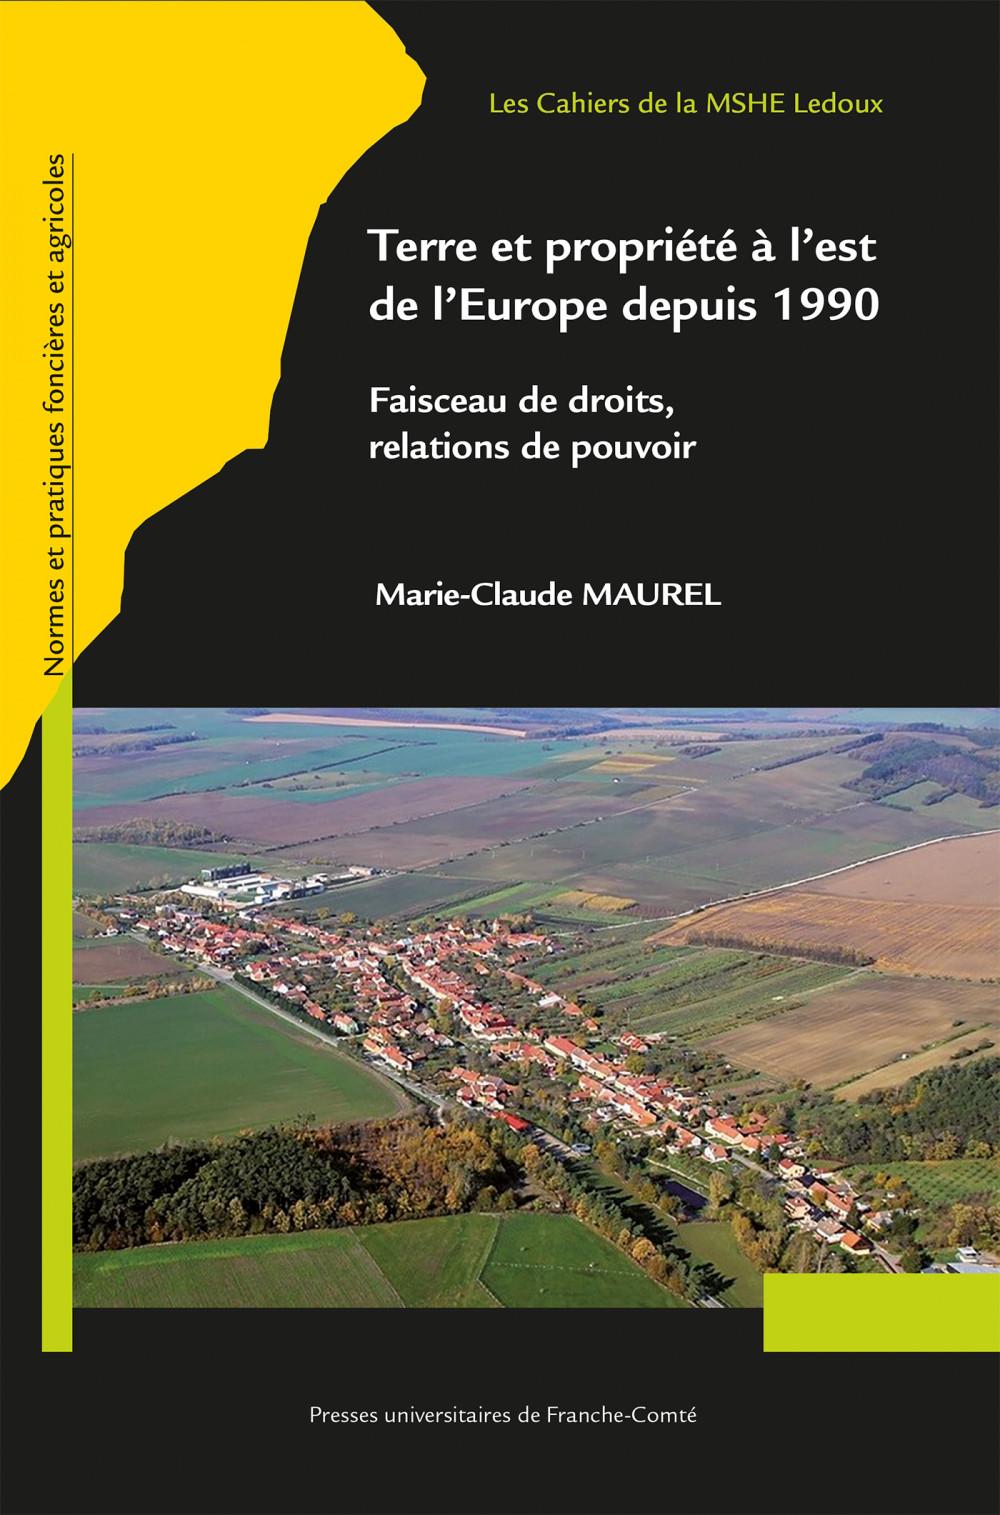 Couverture de Terre et propriété à l'est de l'Europe depuis 1990, de Marie-Claude Maurel